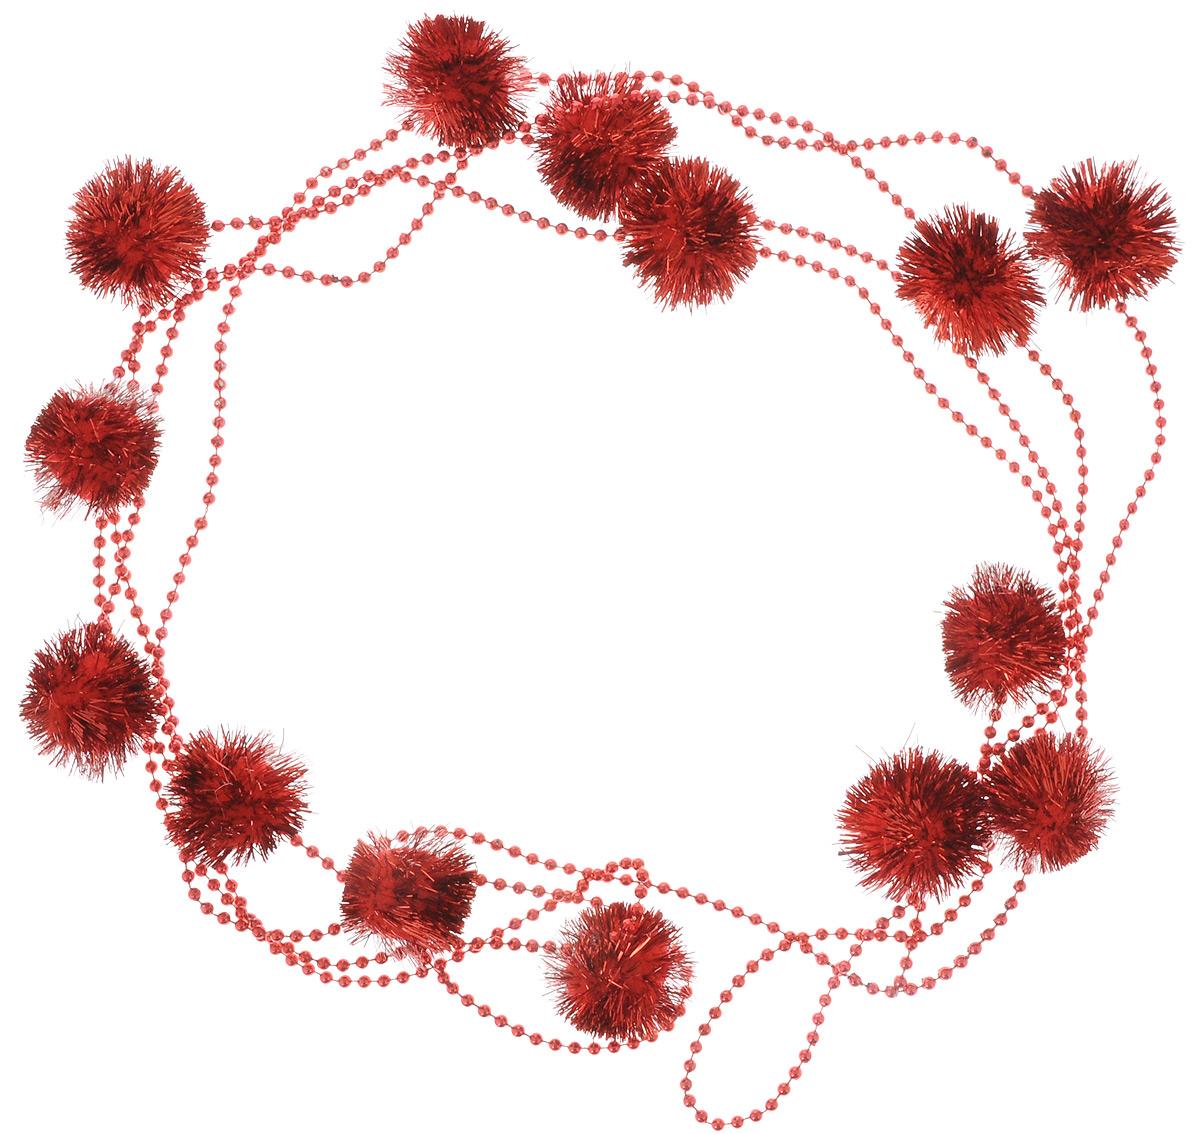 Гирлянда новогодняя Lovemark Шарики. Бусины, цвет: красный, длина 2,7 мY1117RНовогодняя гирлянда Lovemark, выполненная из пластика и текстиля, украсит интерьер вашего дома или офиса в преддверии Нового года. Оригинальный дизайн и красочное исполнение создадут праздничное настроение. Новогодние украшения всегда несут в себе волшебство и красоту праздника. Создайте в своем доме атмосферу тепла, веселья и радости, украшая его всей семьей. Общая длина гирлянды: 2,7 м.